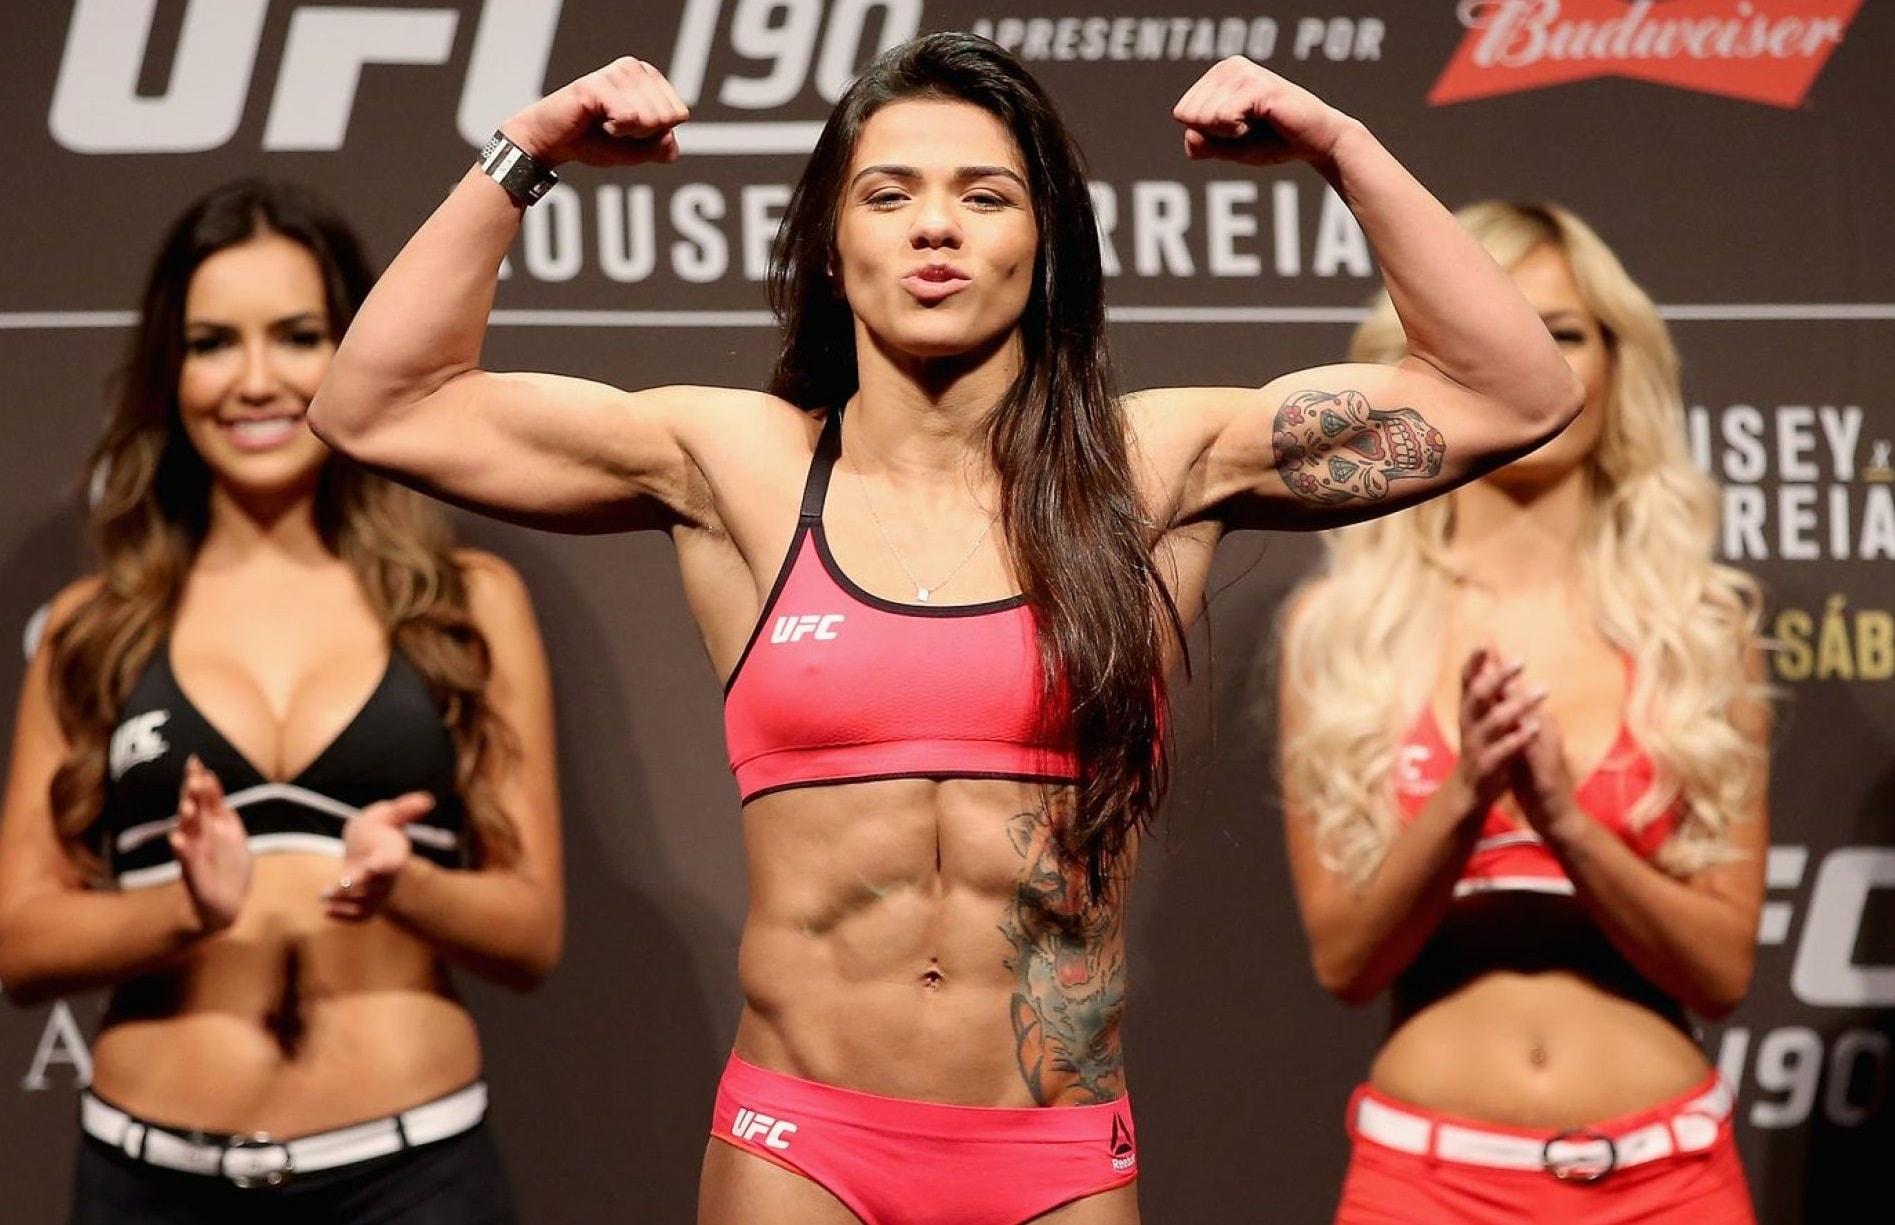 Клаудия Гаделья - топ-боец MMA в UFC: биография, статистика и видео лучших боёв